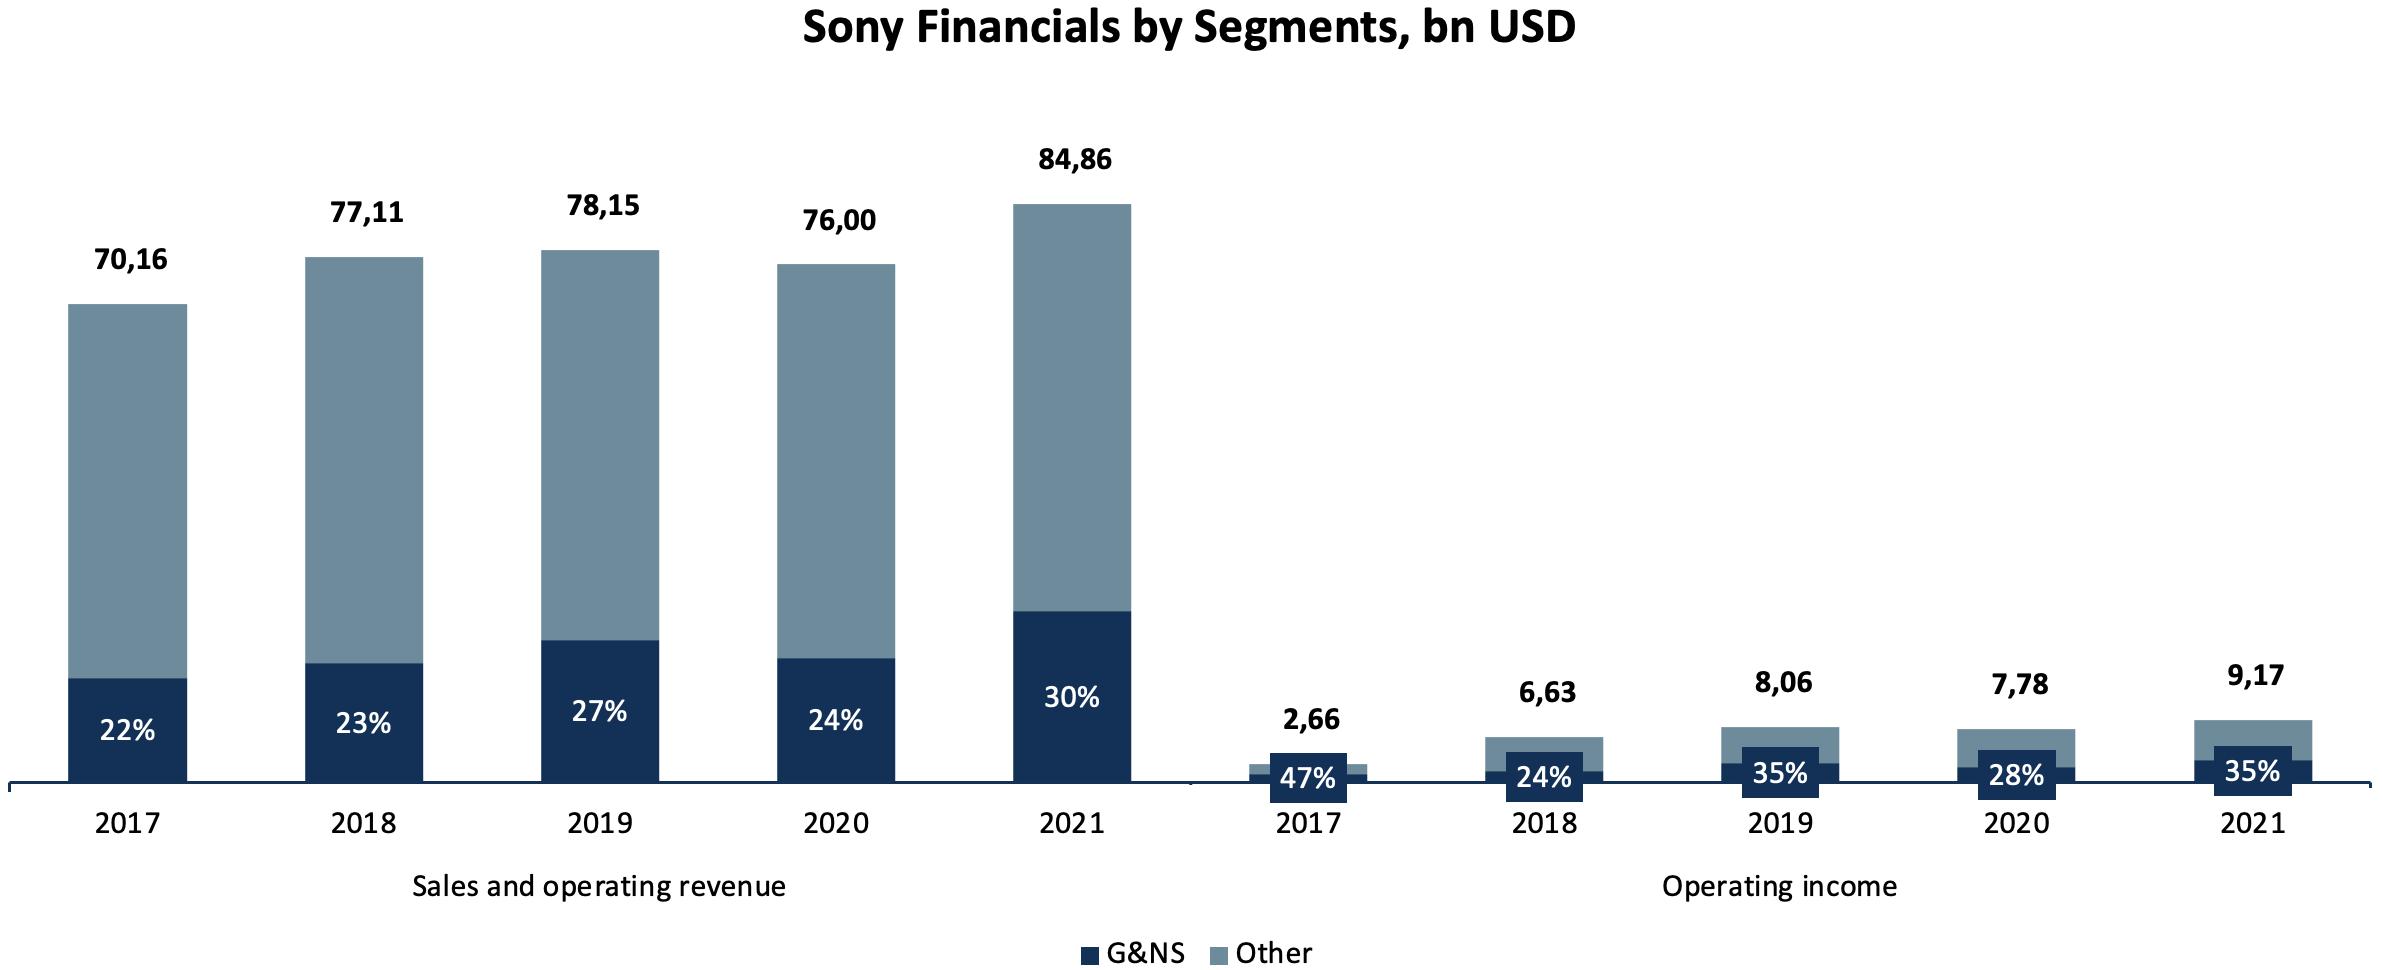 Sony Fin